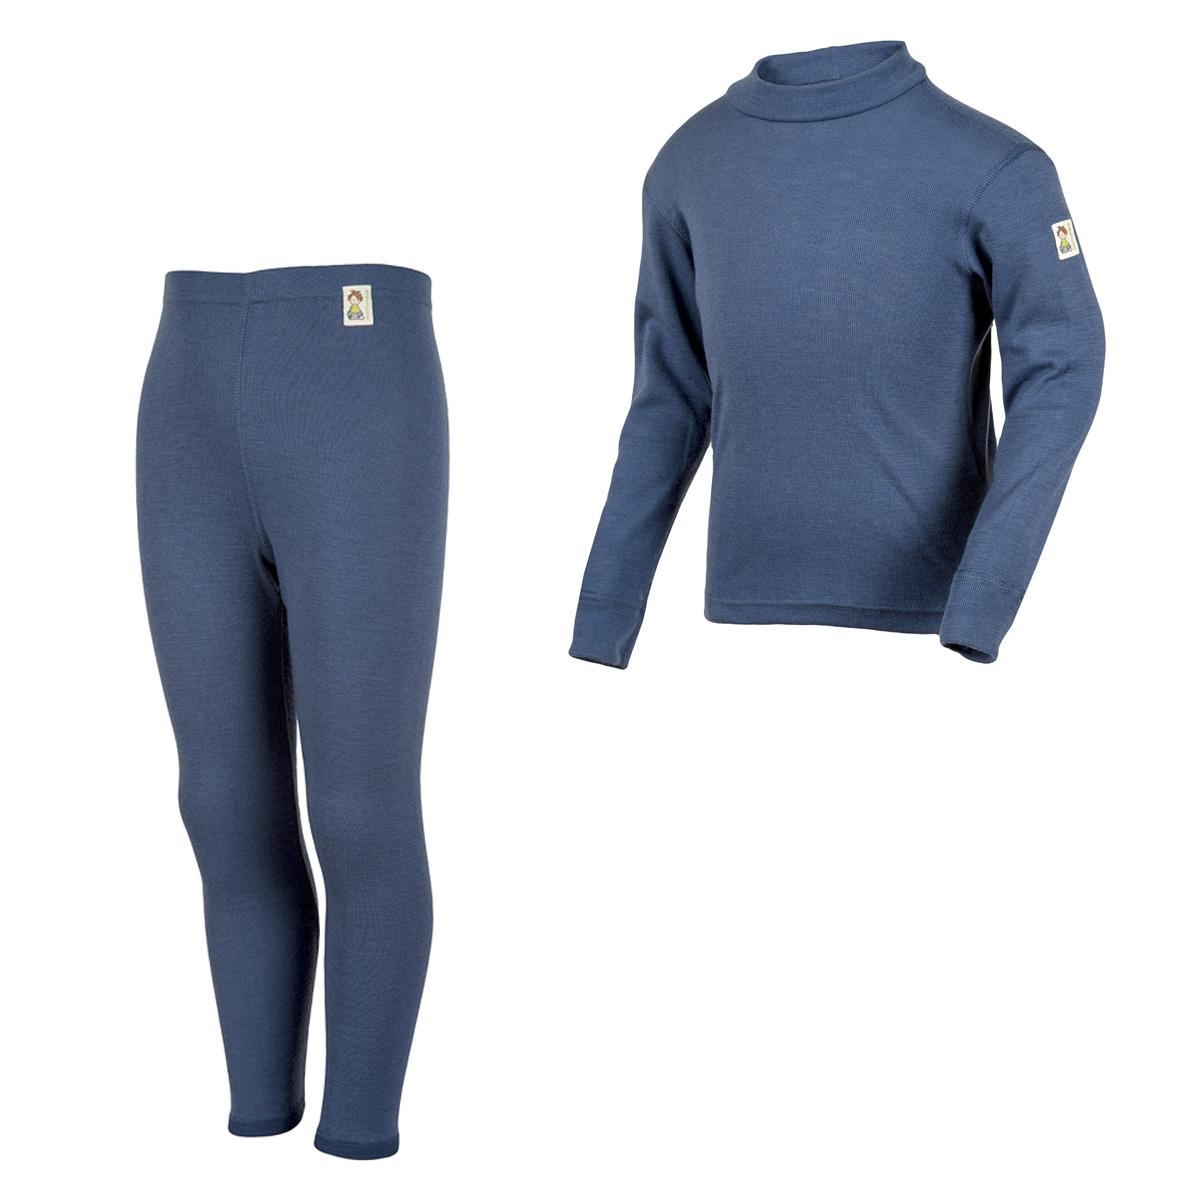 Minimundus underställ tröja och långkalsonger 100% ekologisk merinoull blå